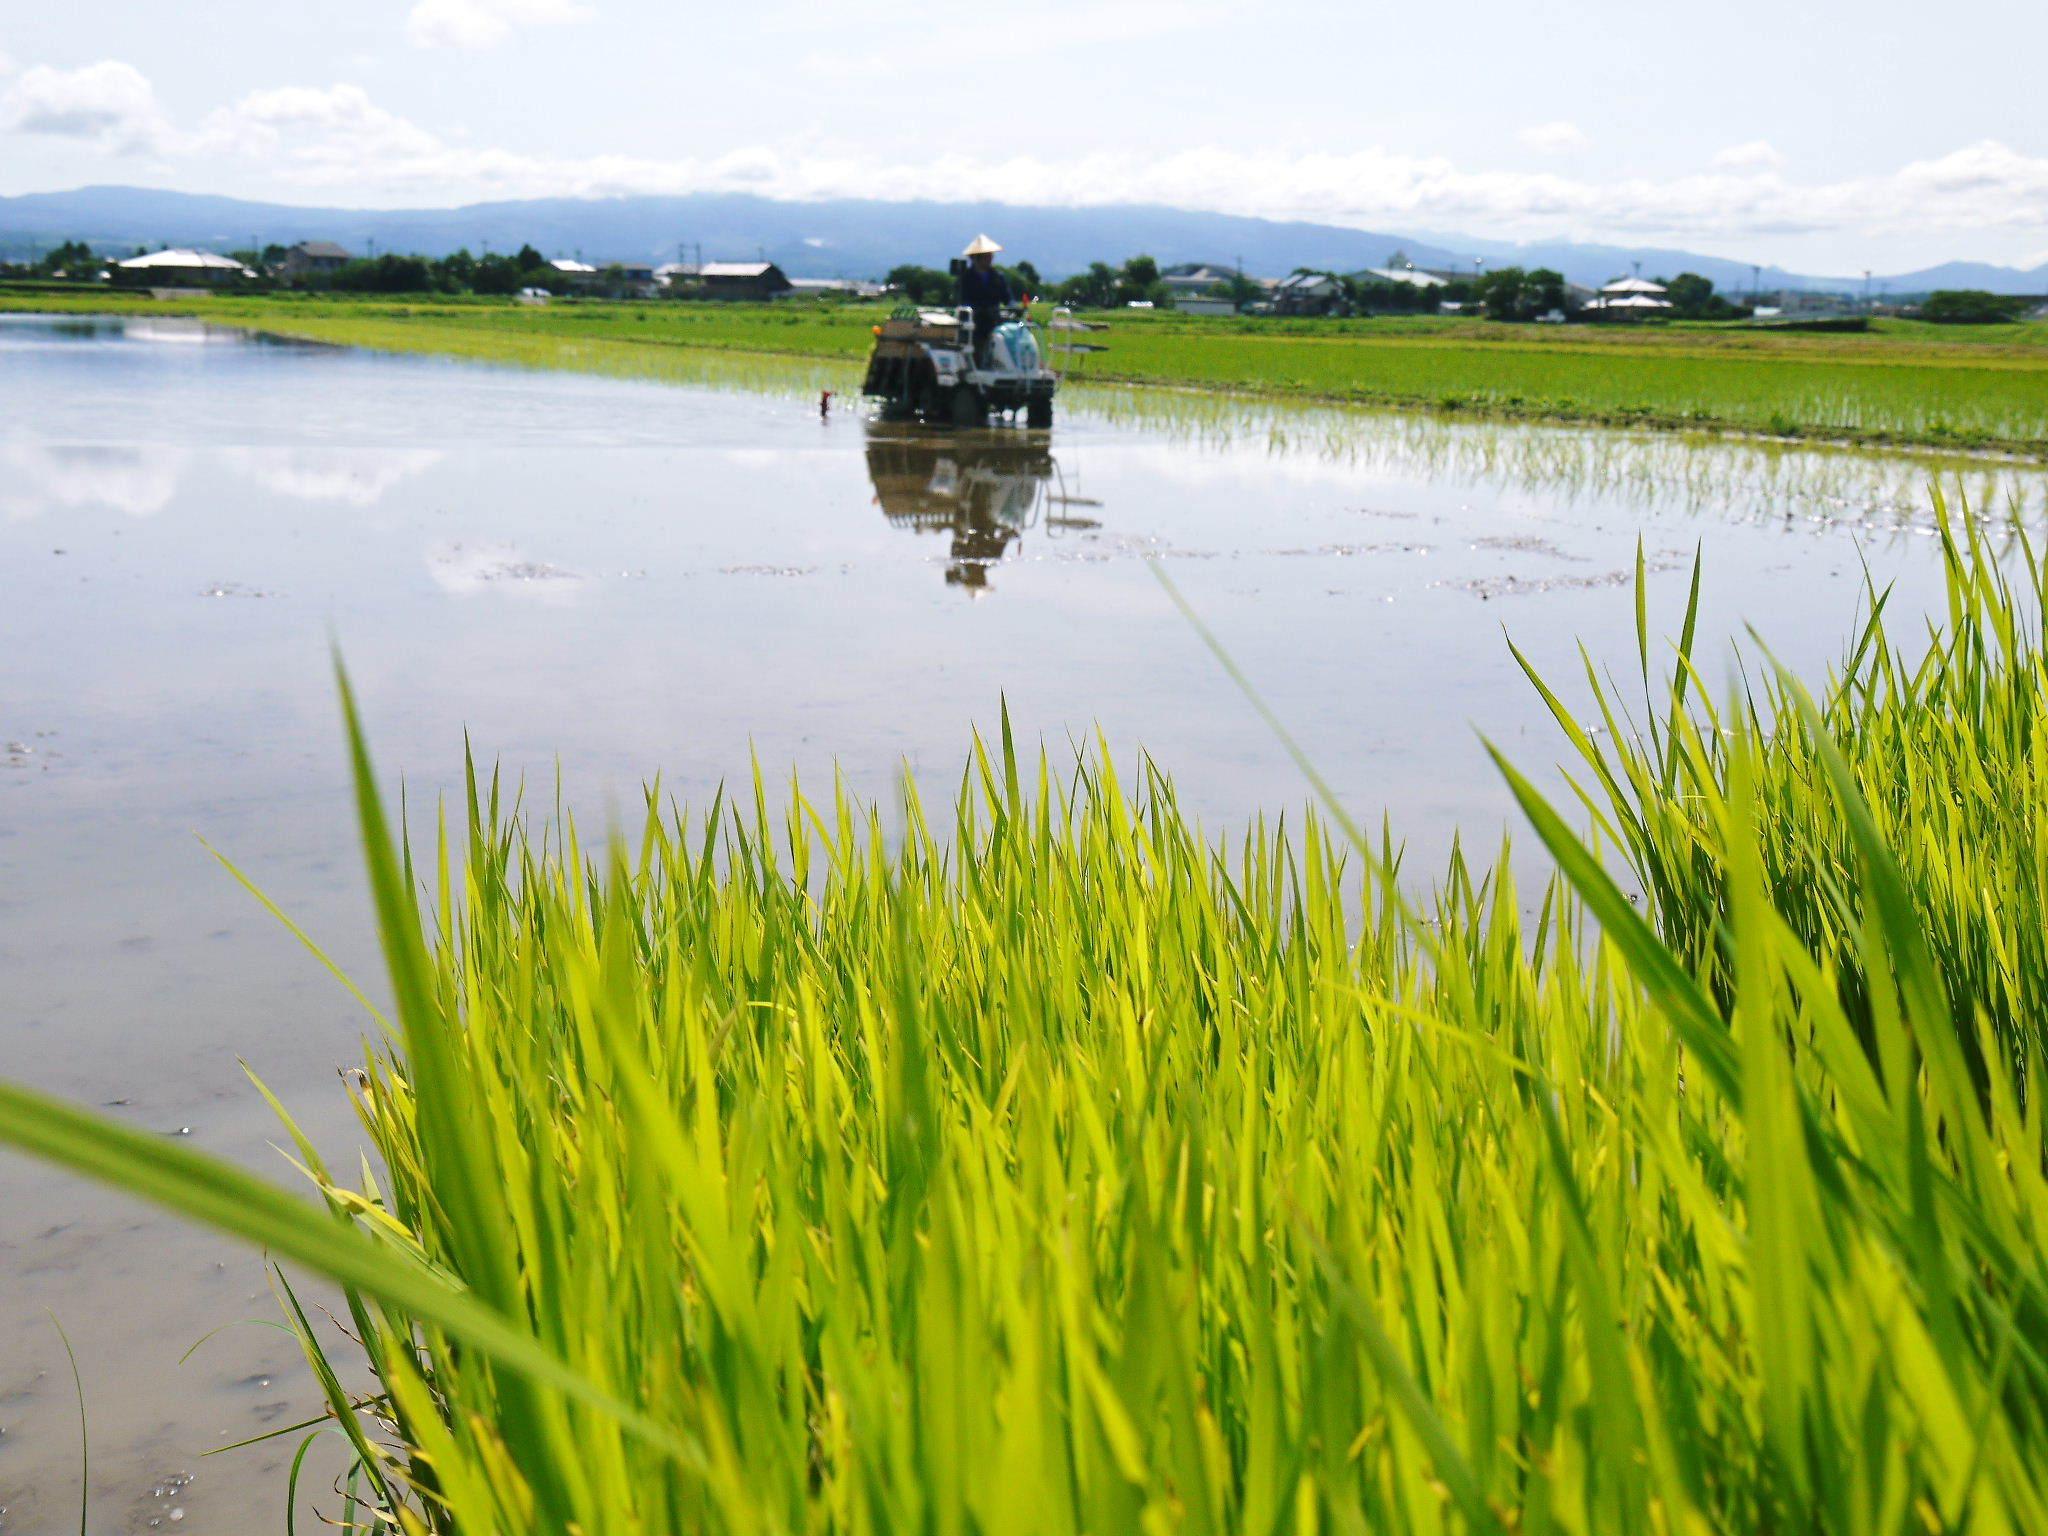 砂田のこだわりれんげ米 田植えの様子(2020) 前編:今年も変わらずれんげを有機肥料にした田んぼです_a0254656_17074305.jpg